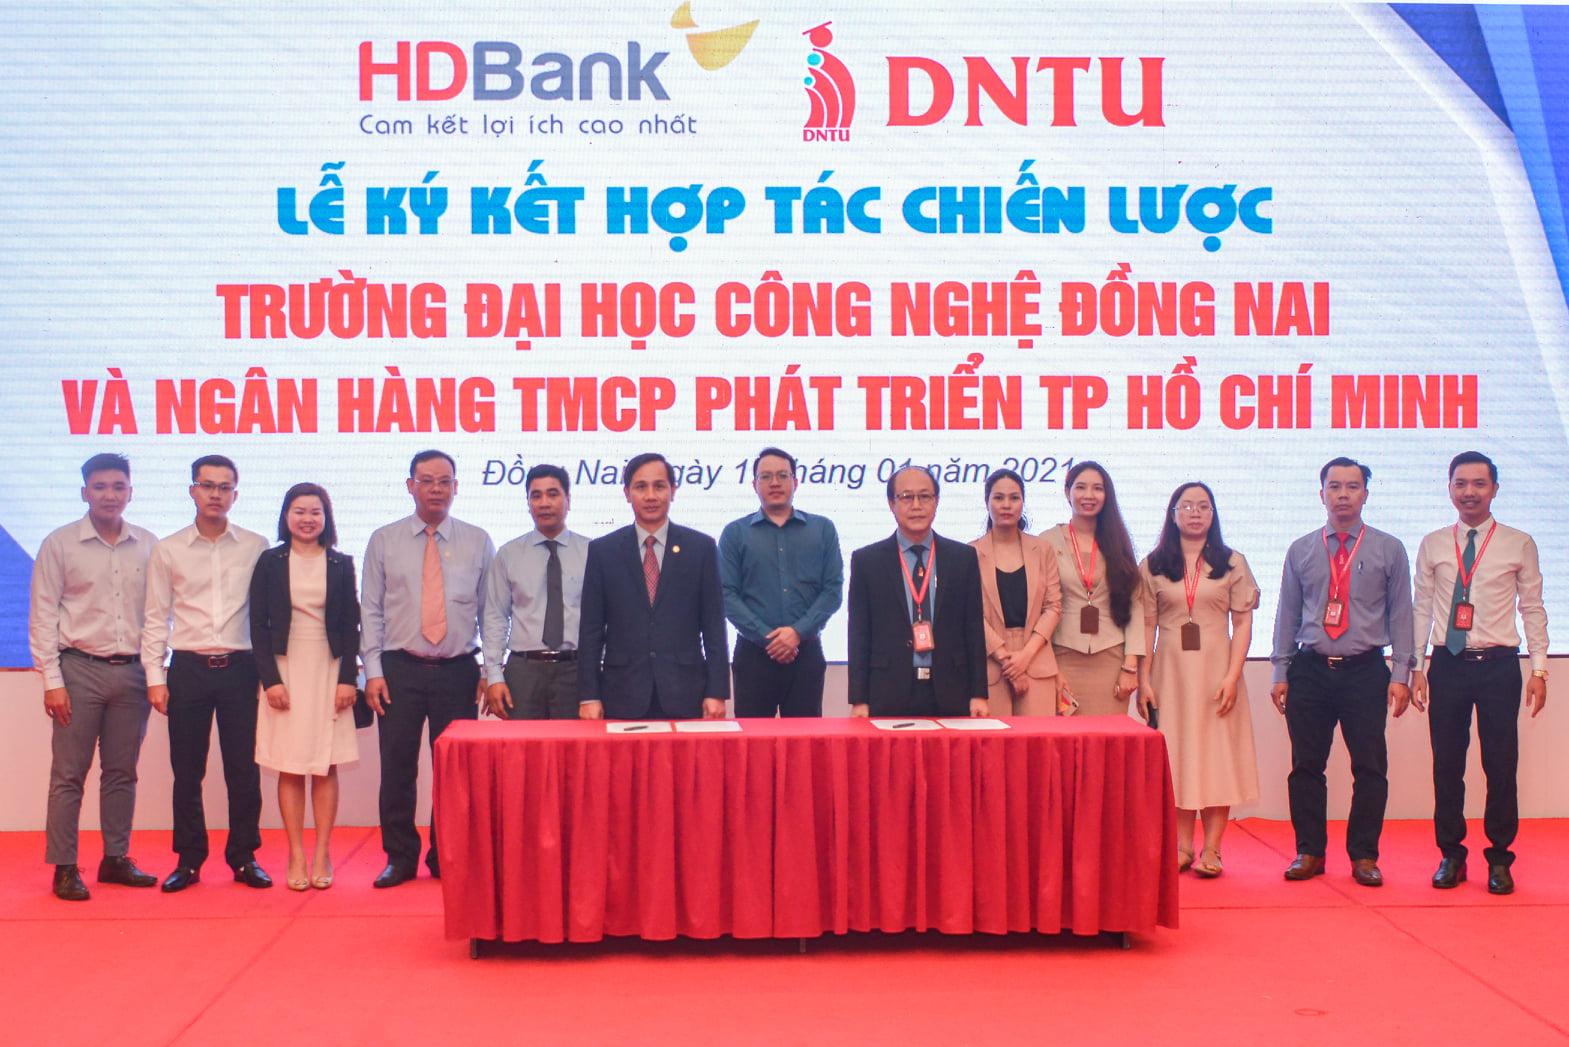 Lễ ký kết hợp tác giữa Trường Đại học Công nghệ Đồng Nai và Ngân hàng TMCP Phát triển TPHCM (HDBank)